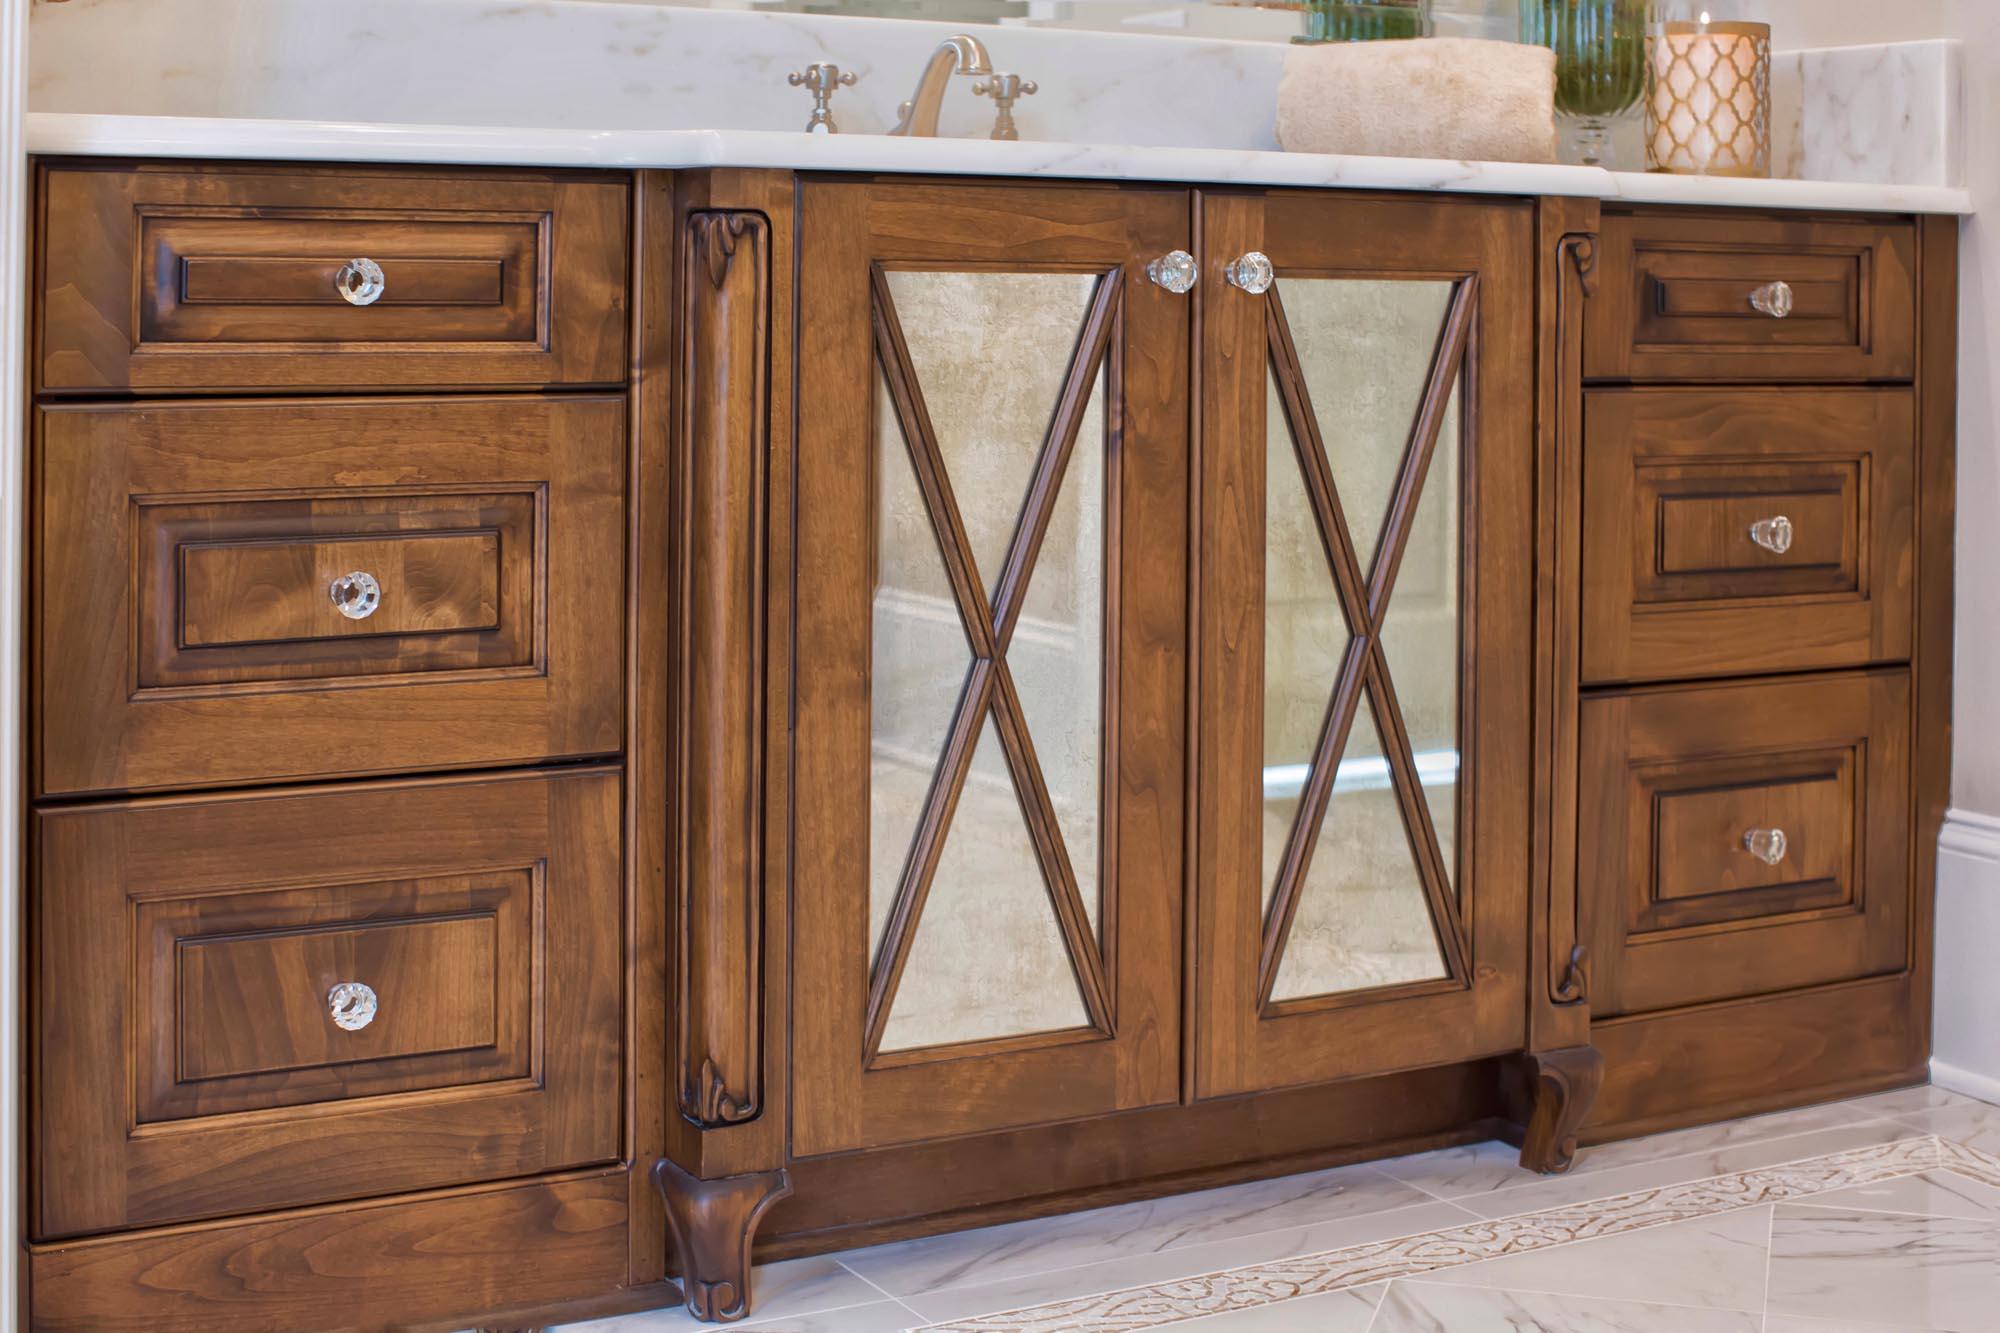 Alderwood vanity with mirrored doors for master bathroom